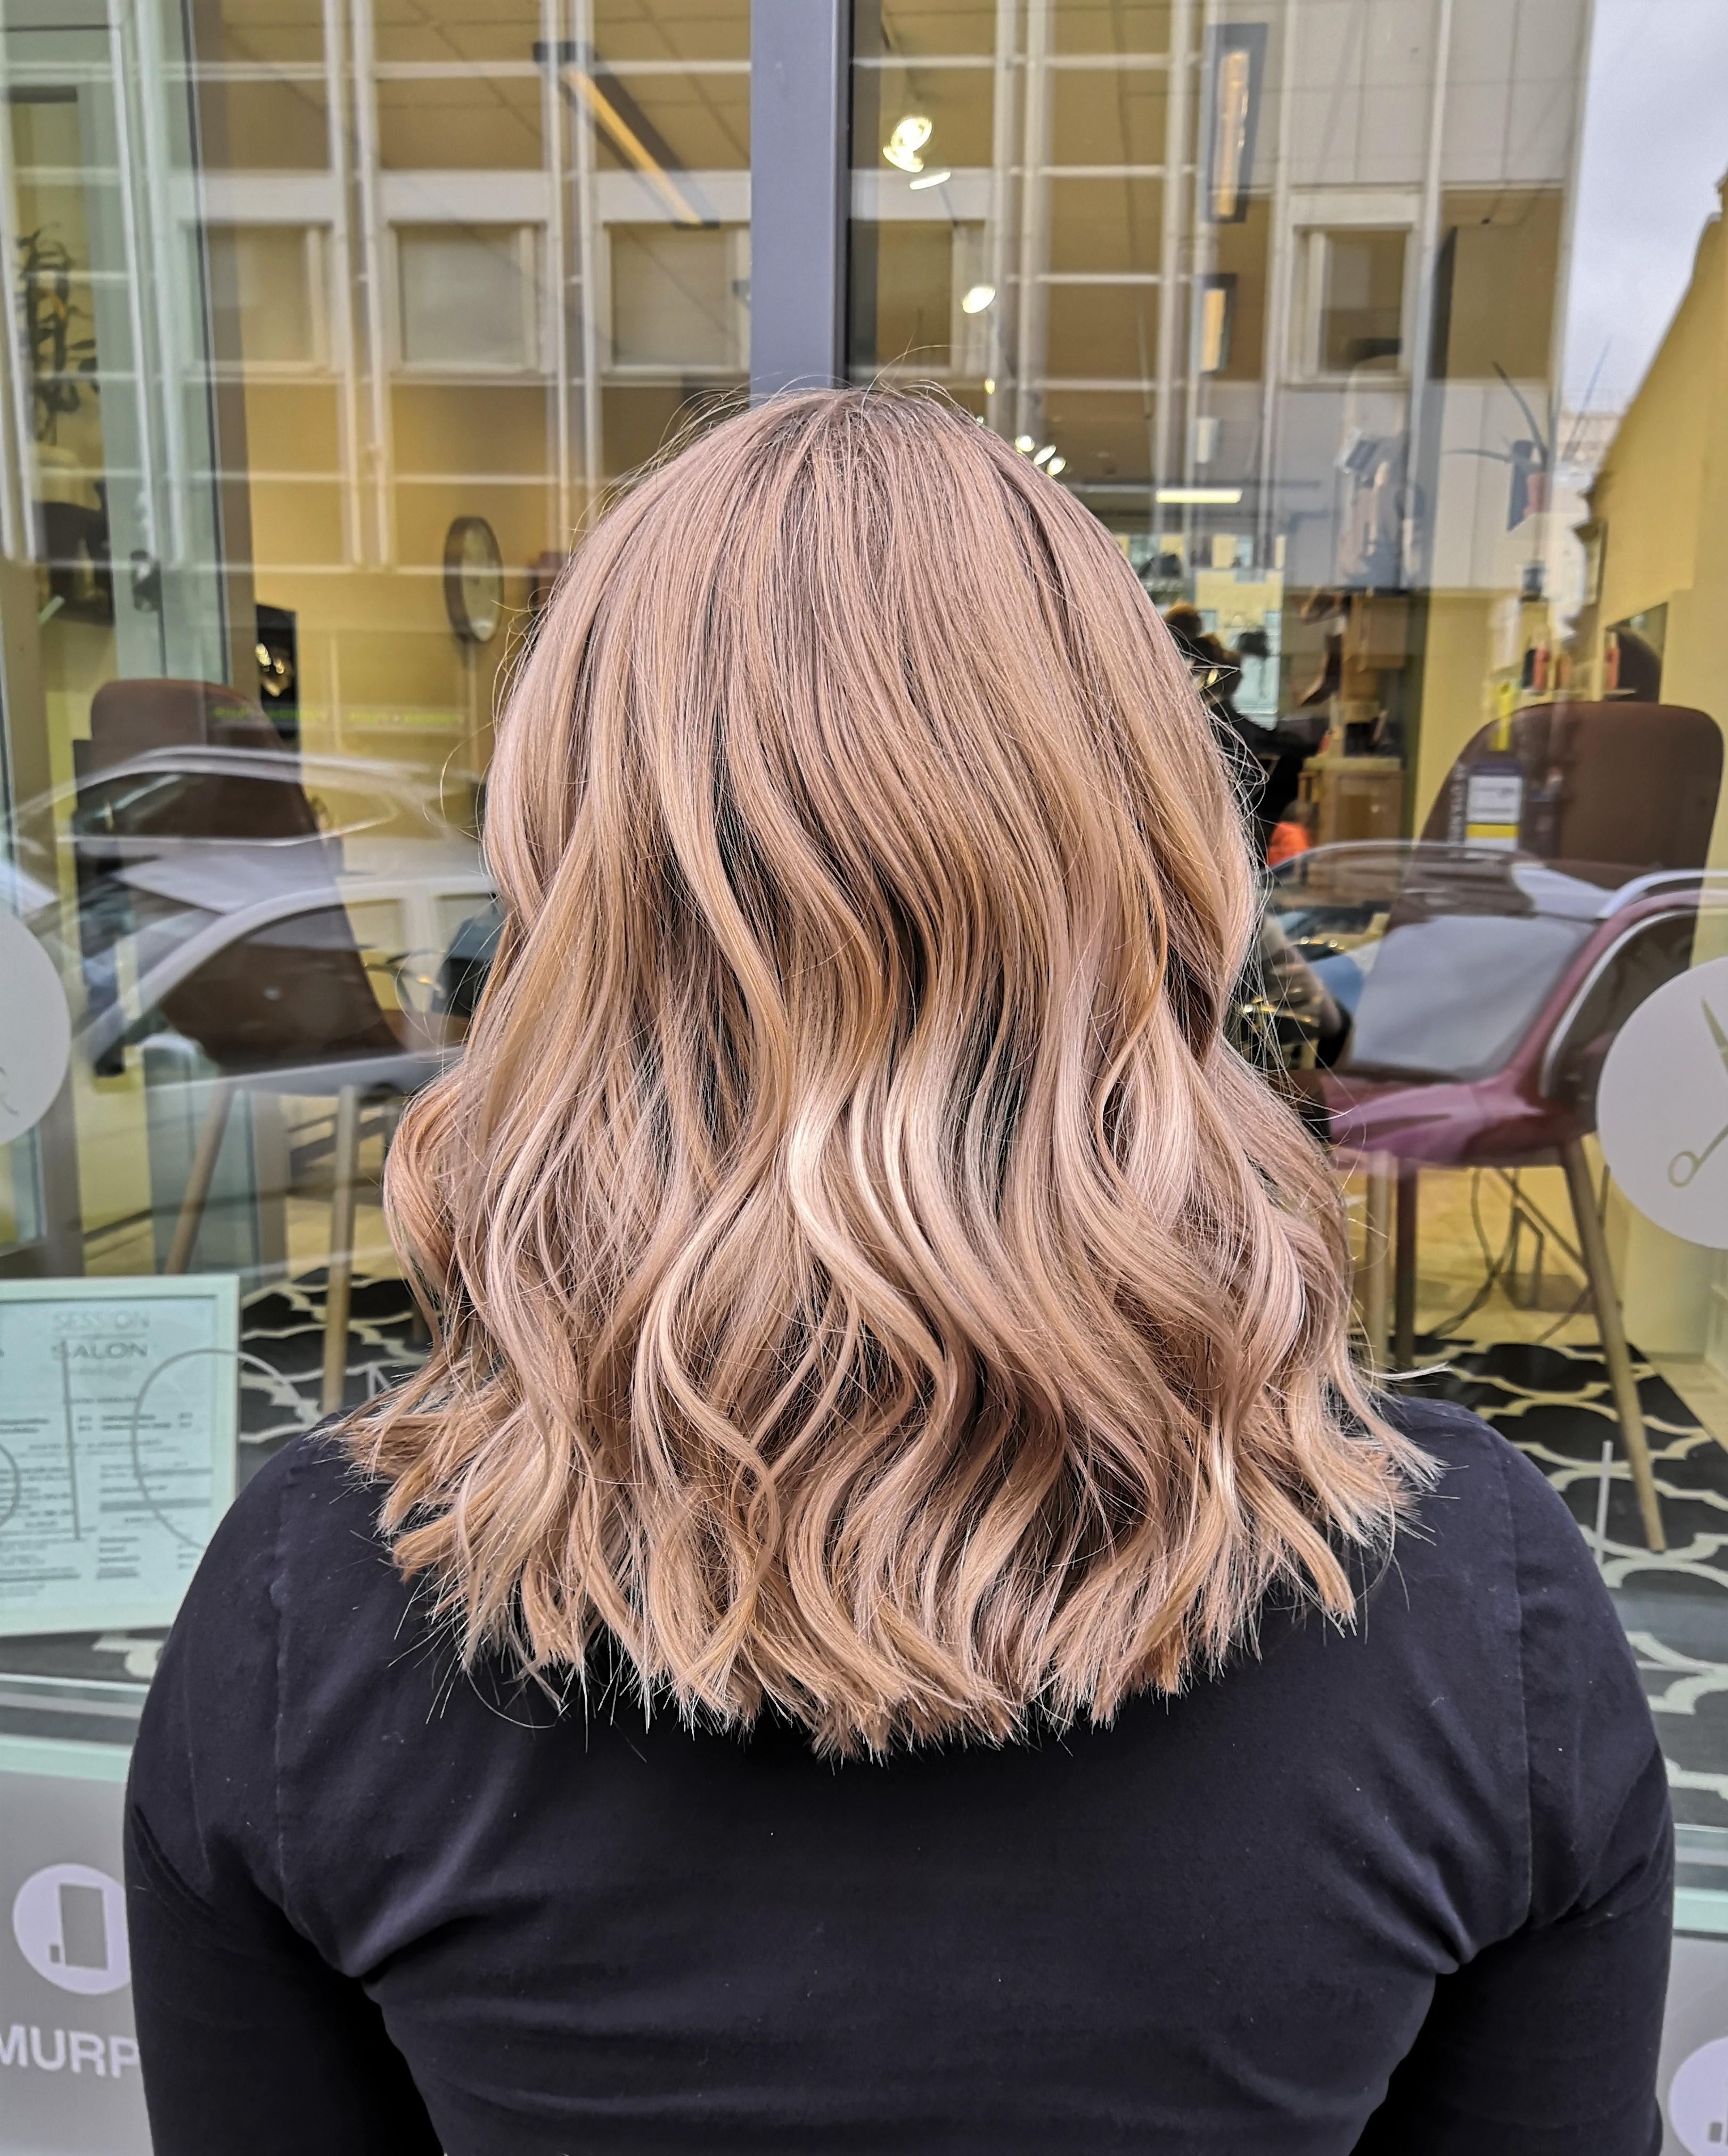 Vaaleat hiukset saavat tummentua syksyksi